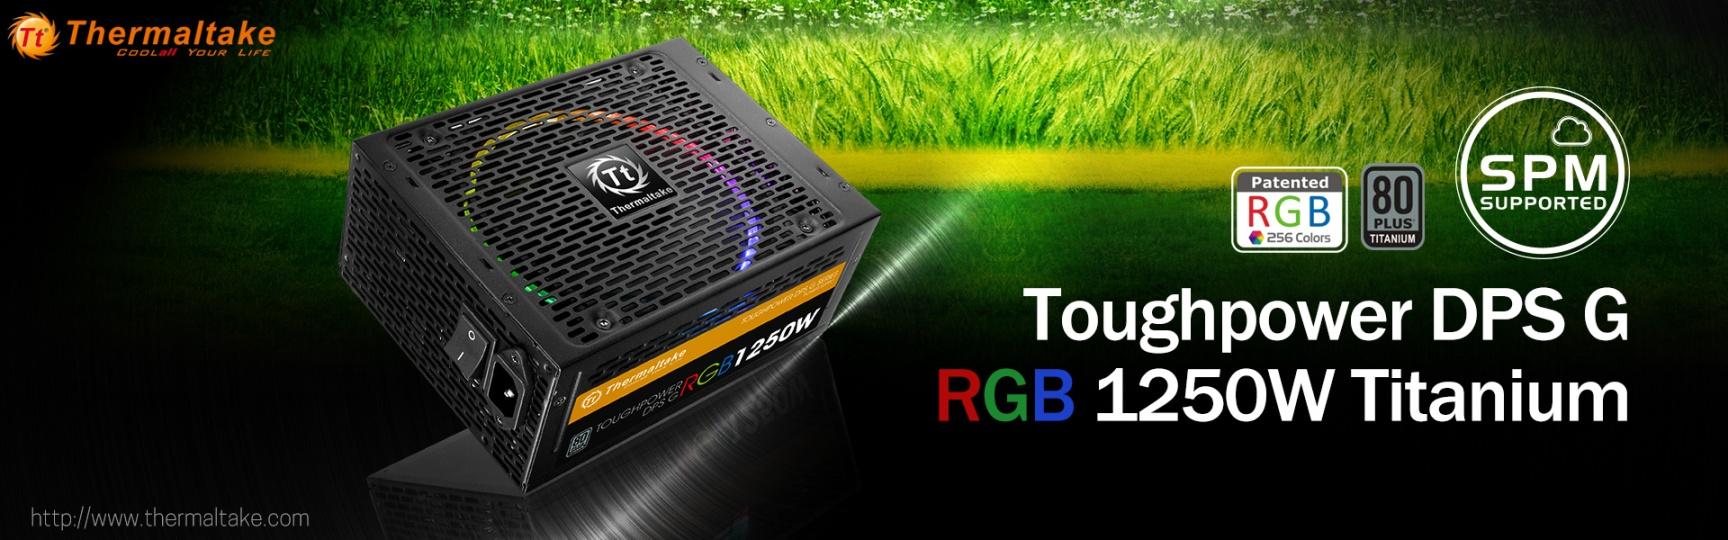 Thermaltake-Toughpower-DPS-G-RGB-1250W-Titanium-SPM